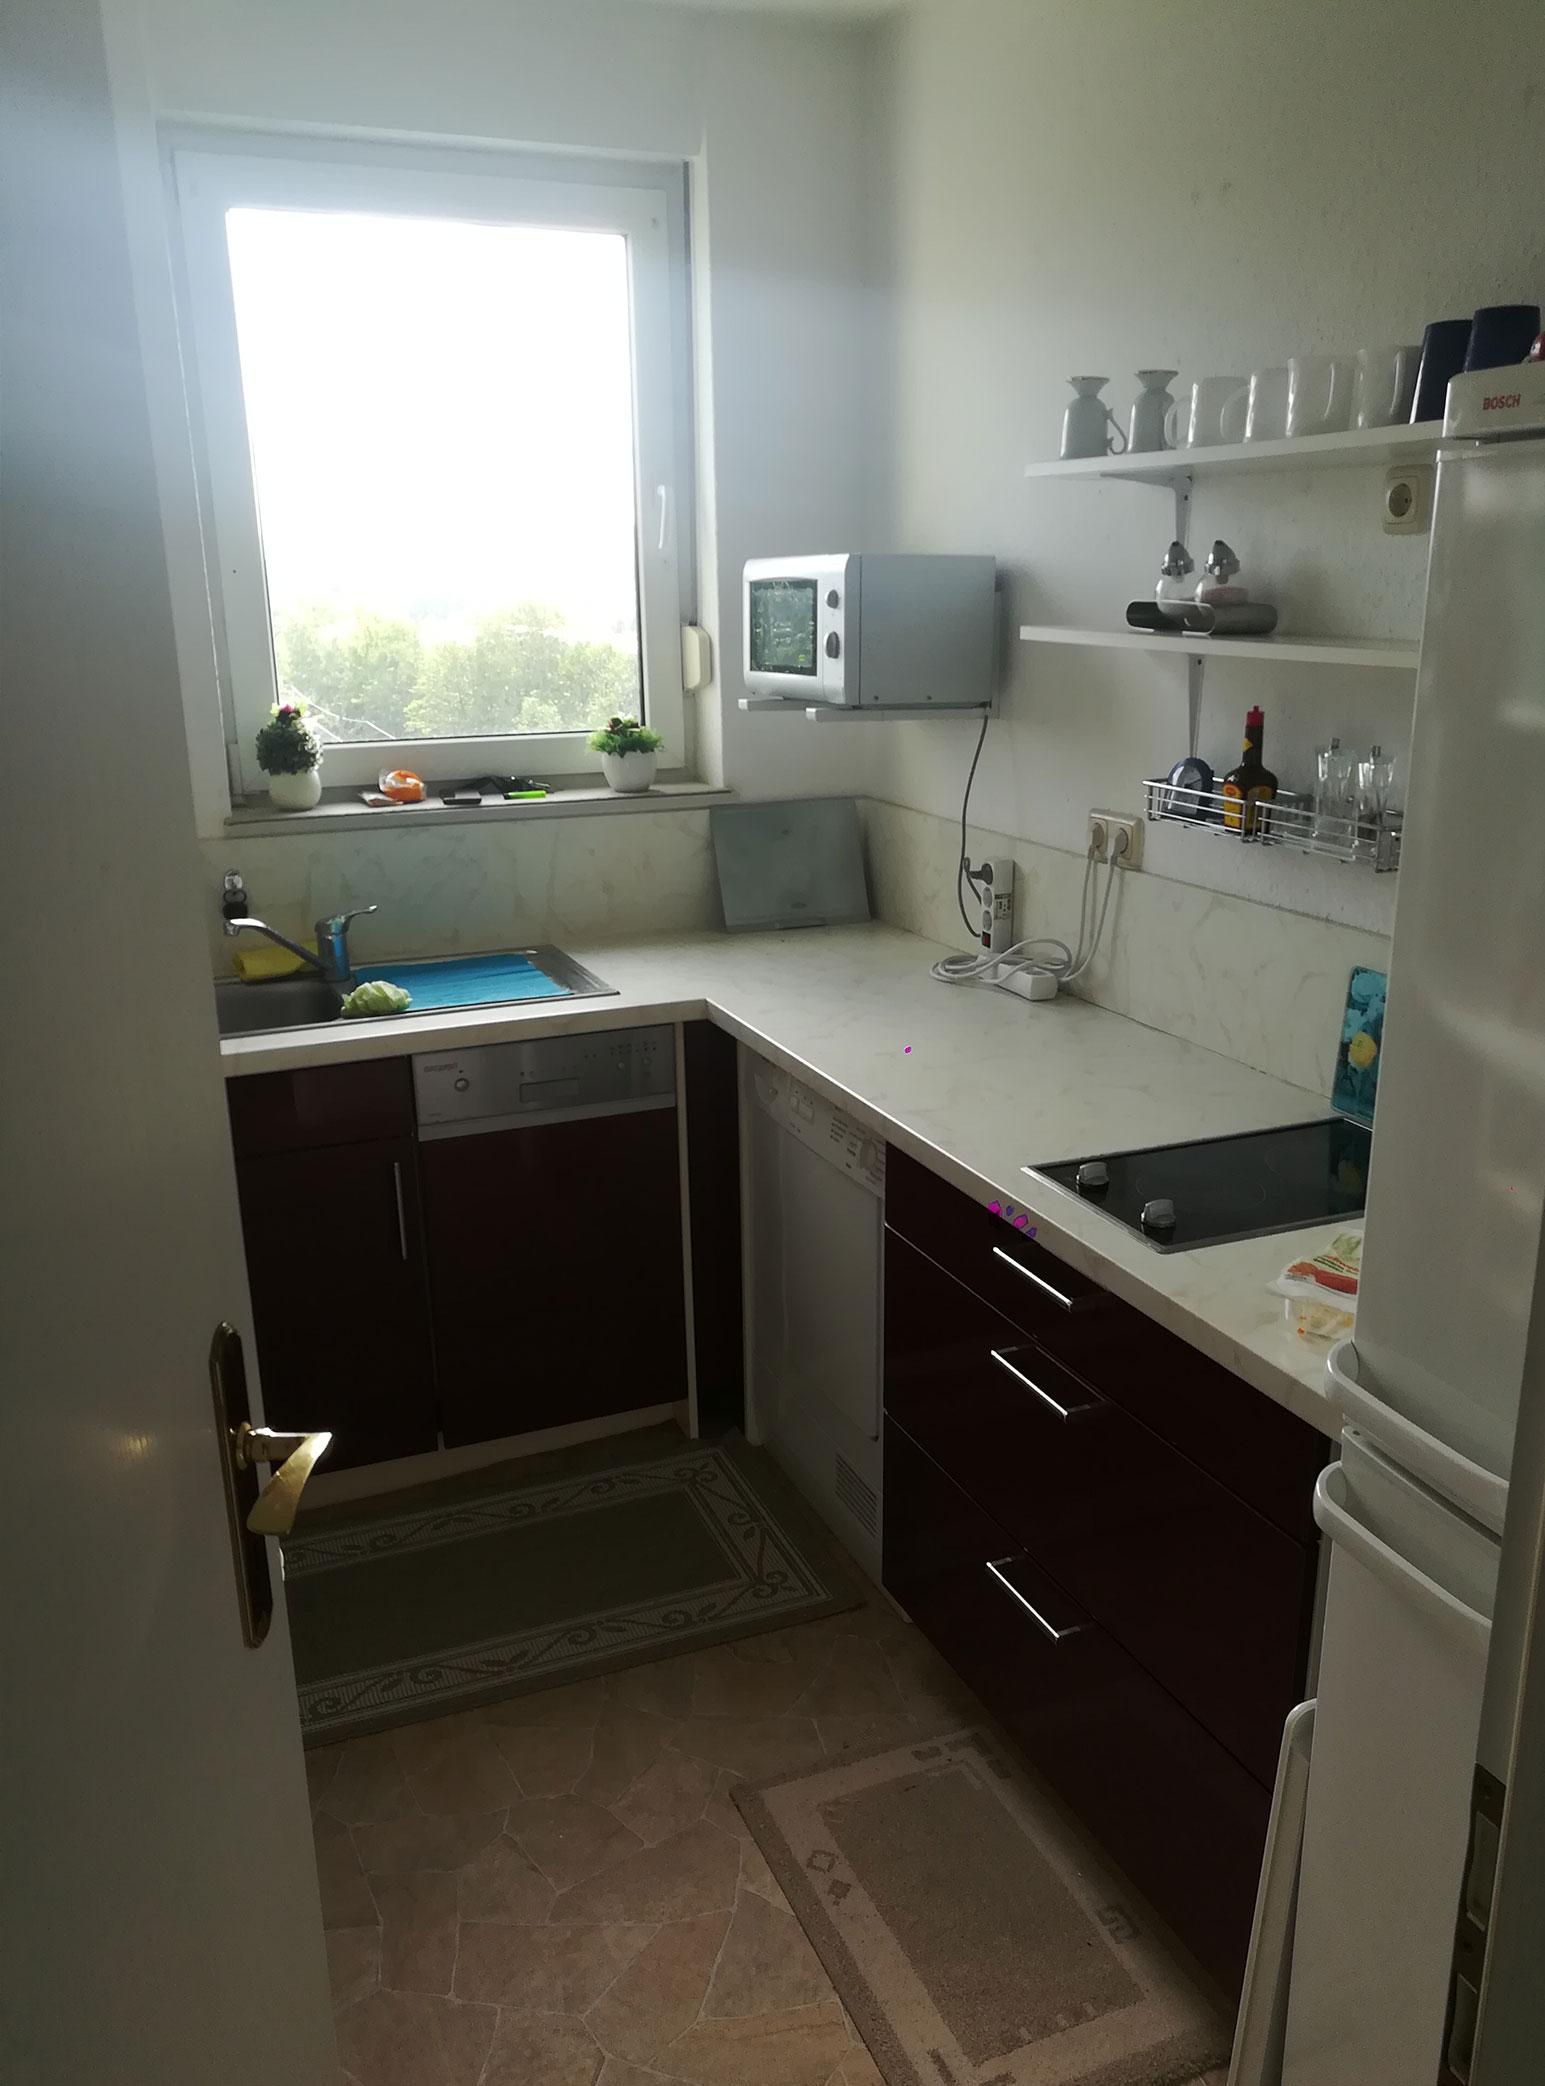 Küche vorher Haushaltsauflösung Rostock